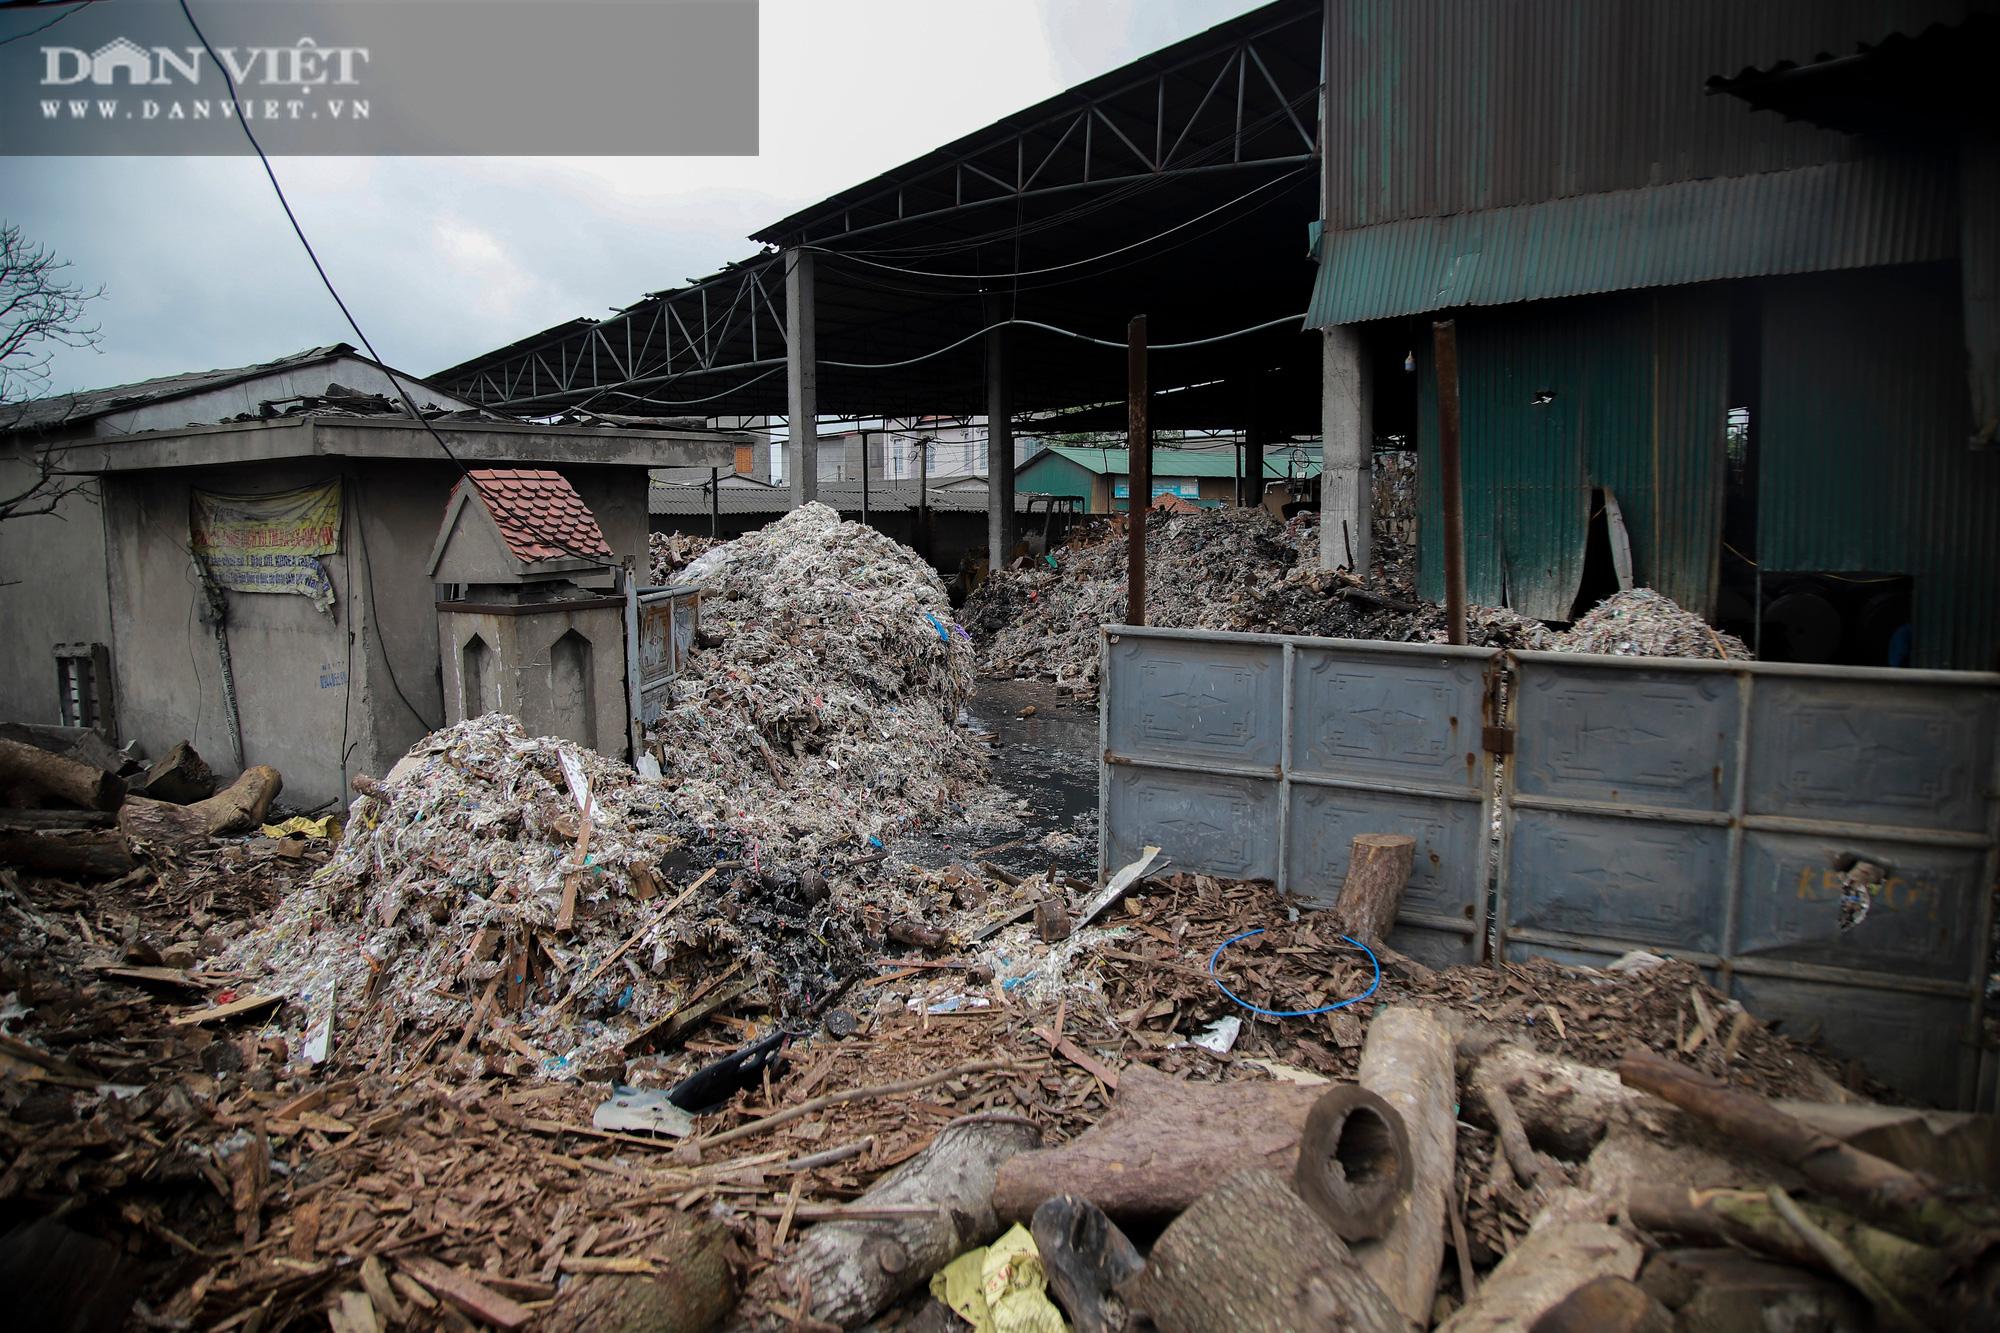 Ám ảnh khủng khiếp ở làng giấy Phú Lâm: Ô nhiễm đến con ruồi cũng không sống nổi, công nhân bán mòn sức - Ảnh 31.